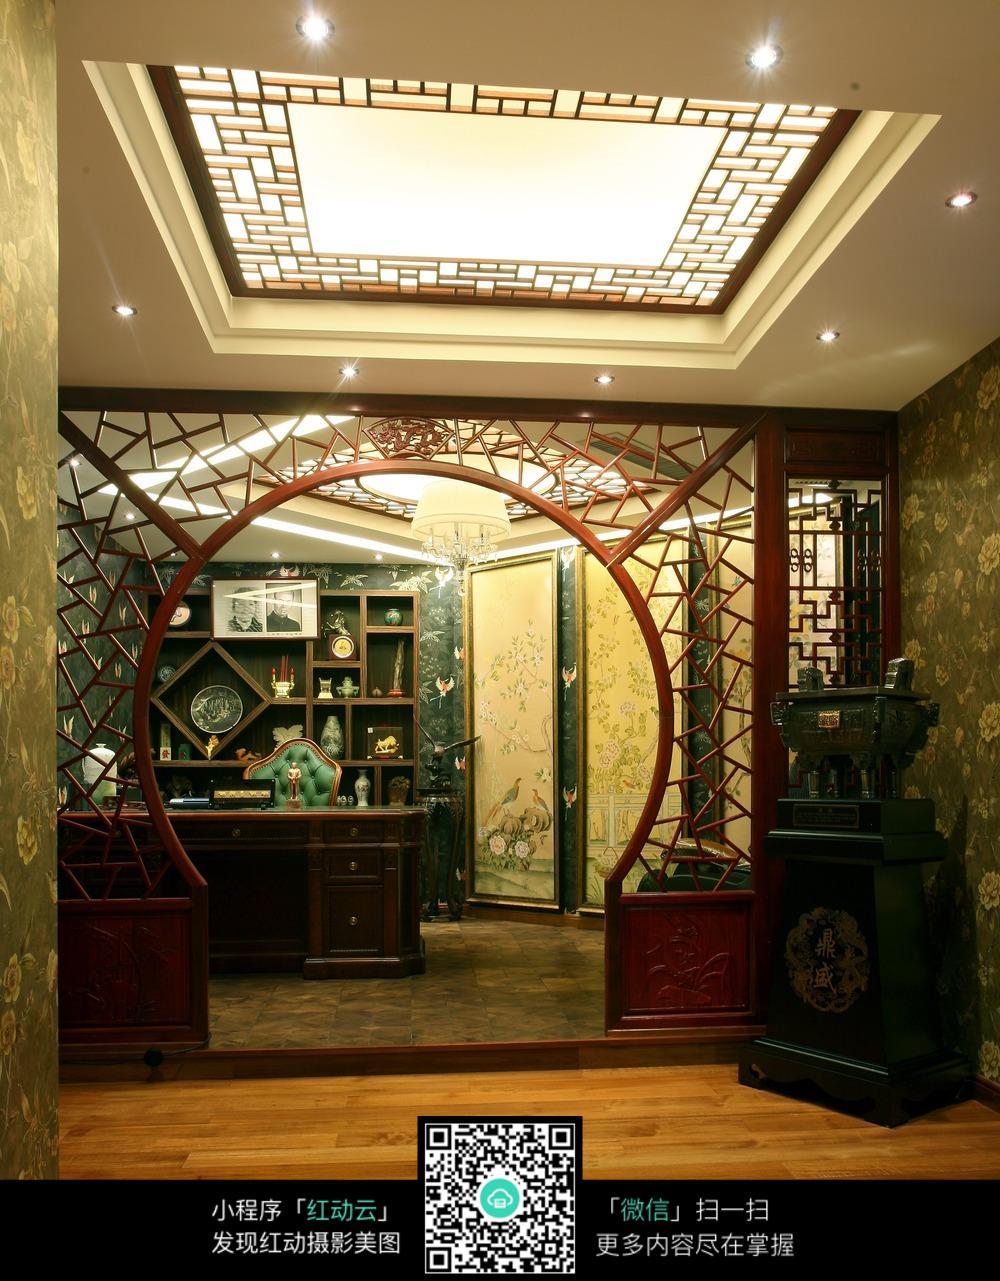 中式圆形木质拱门设计素材图片